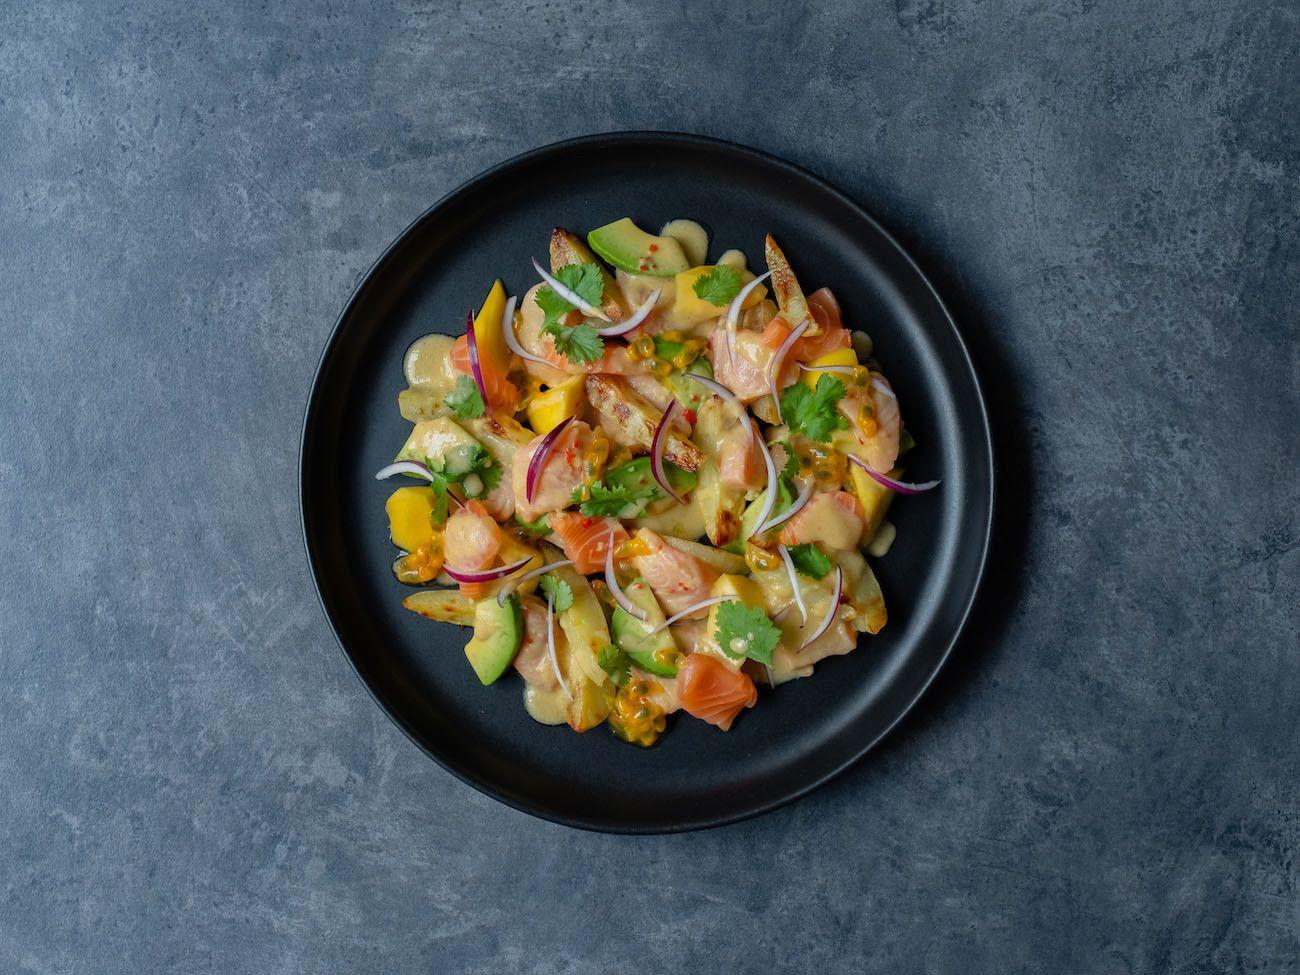 Foodblog, About Fuel, CEVICHE Das Kochbuch, Juan Danilo, Avocado, Habanero Chili, rote Zwiebeln, Mango